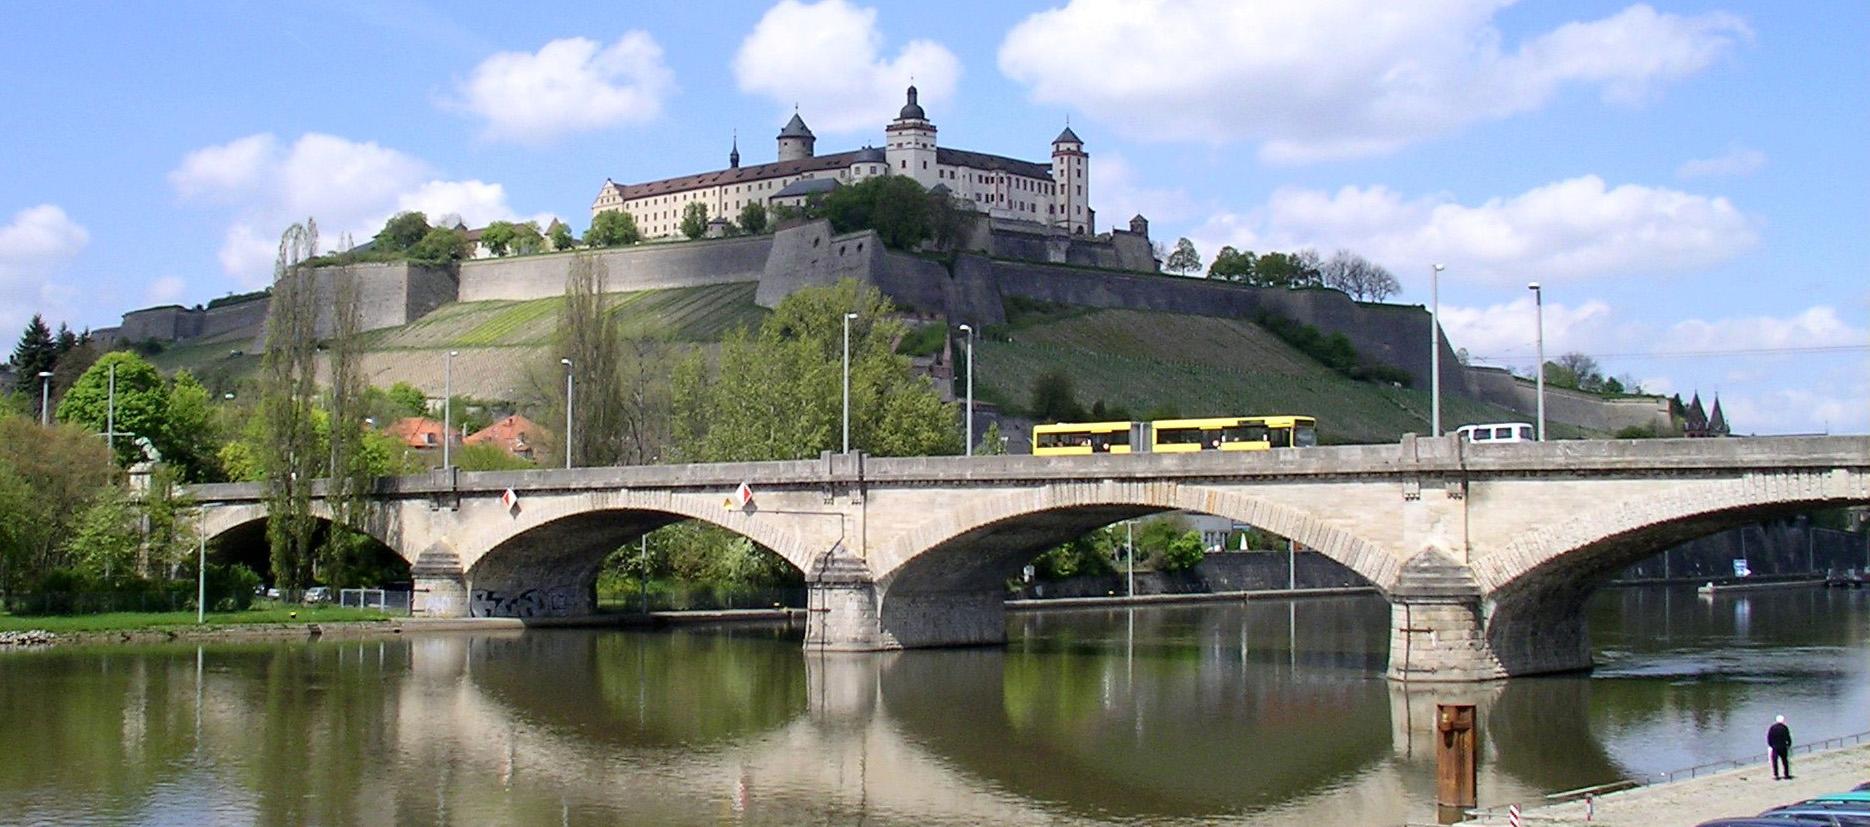 File:Würzburg - Ludwigsbrücke.jpg - Wikimedia Commons